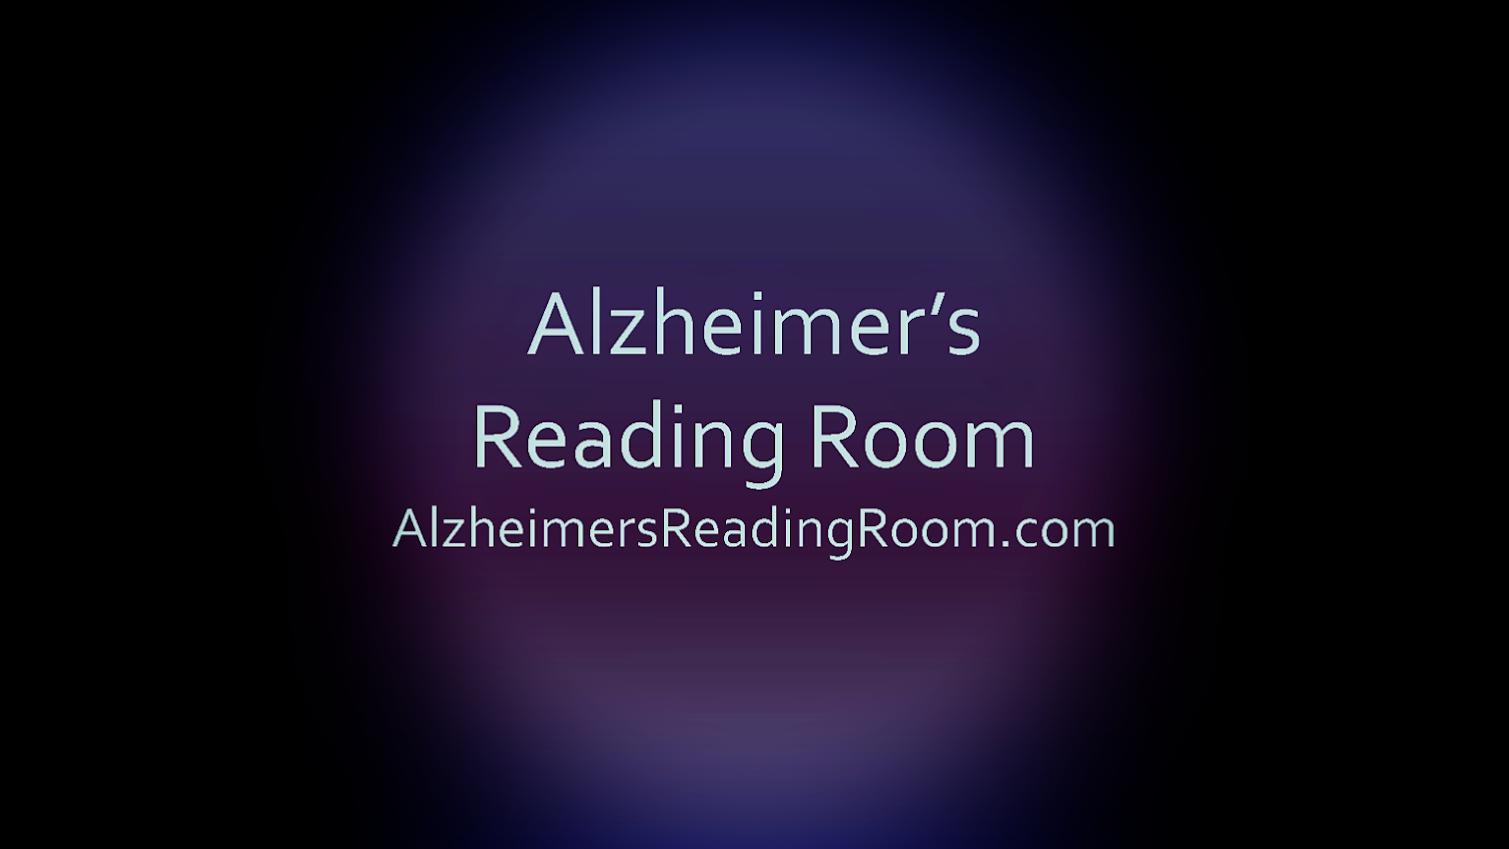 Alzheimer's Reding Room